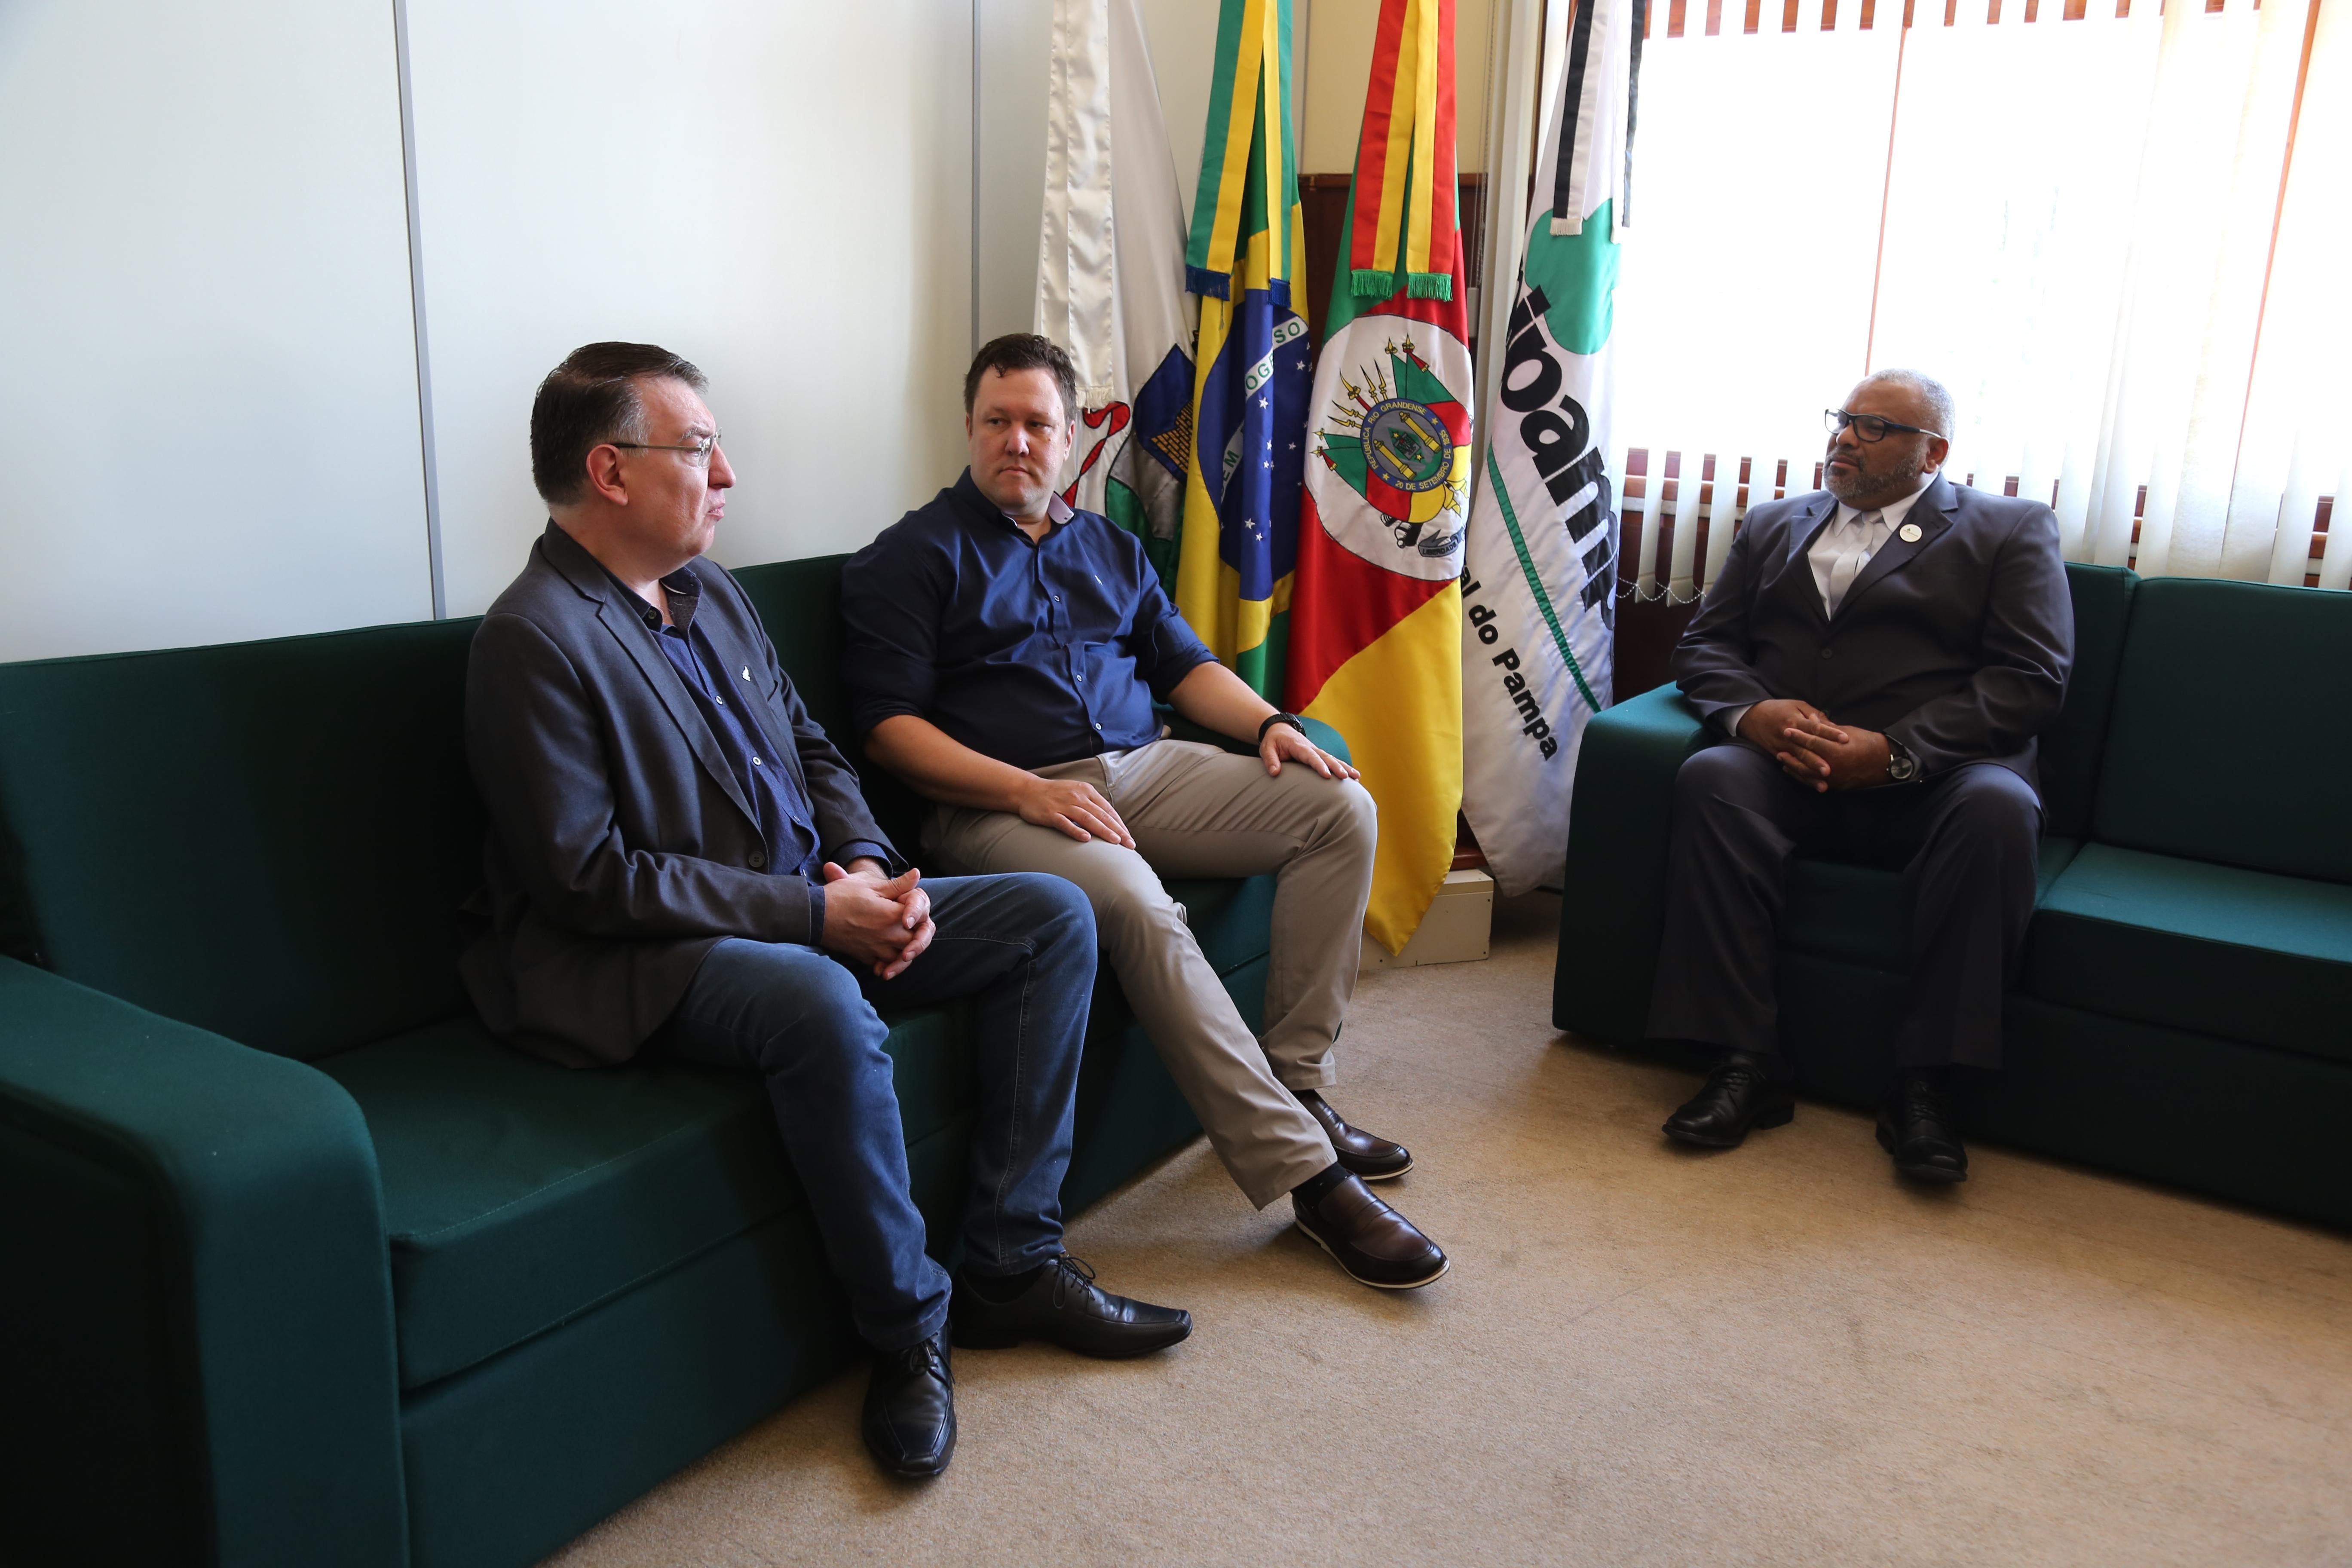 Reitor da Unipampa recebe dirigentes da UFFS - Foto: Franceli Couto/Unipampa